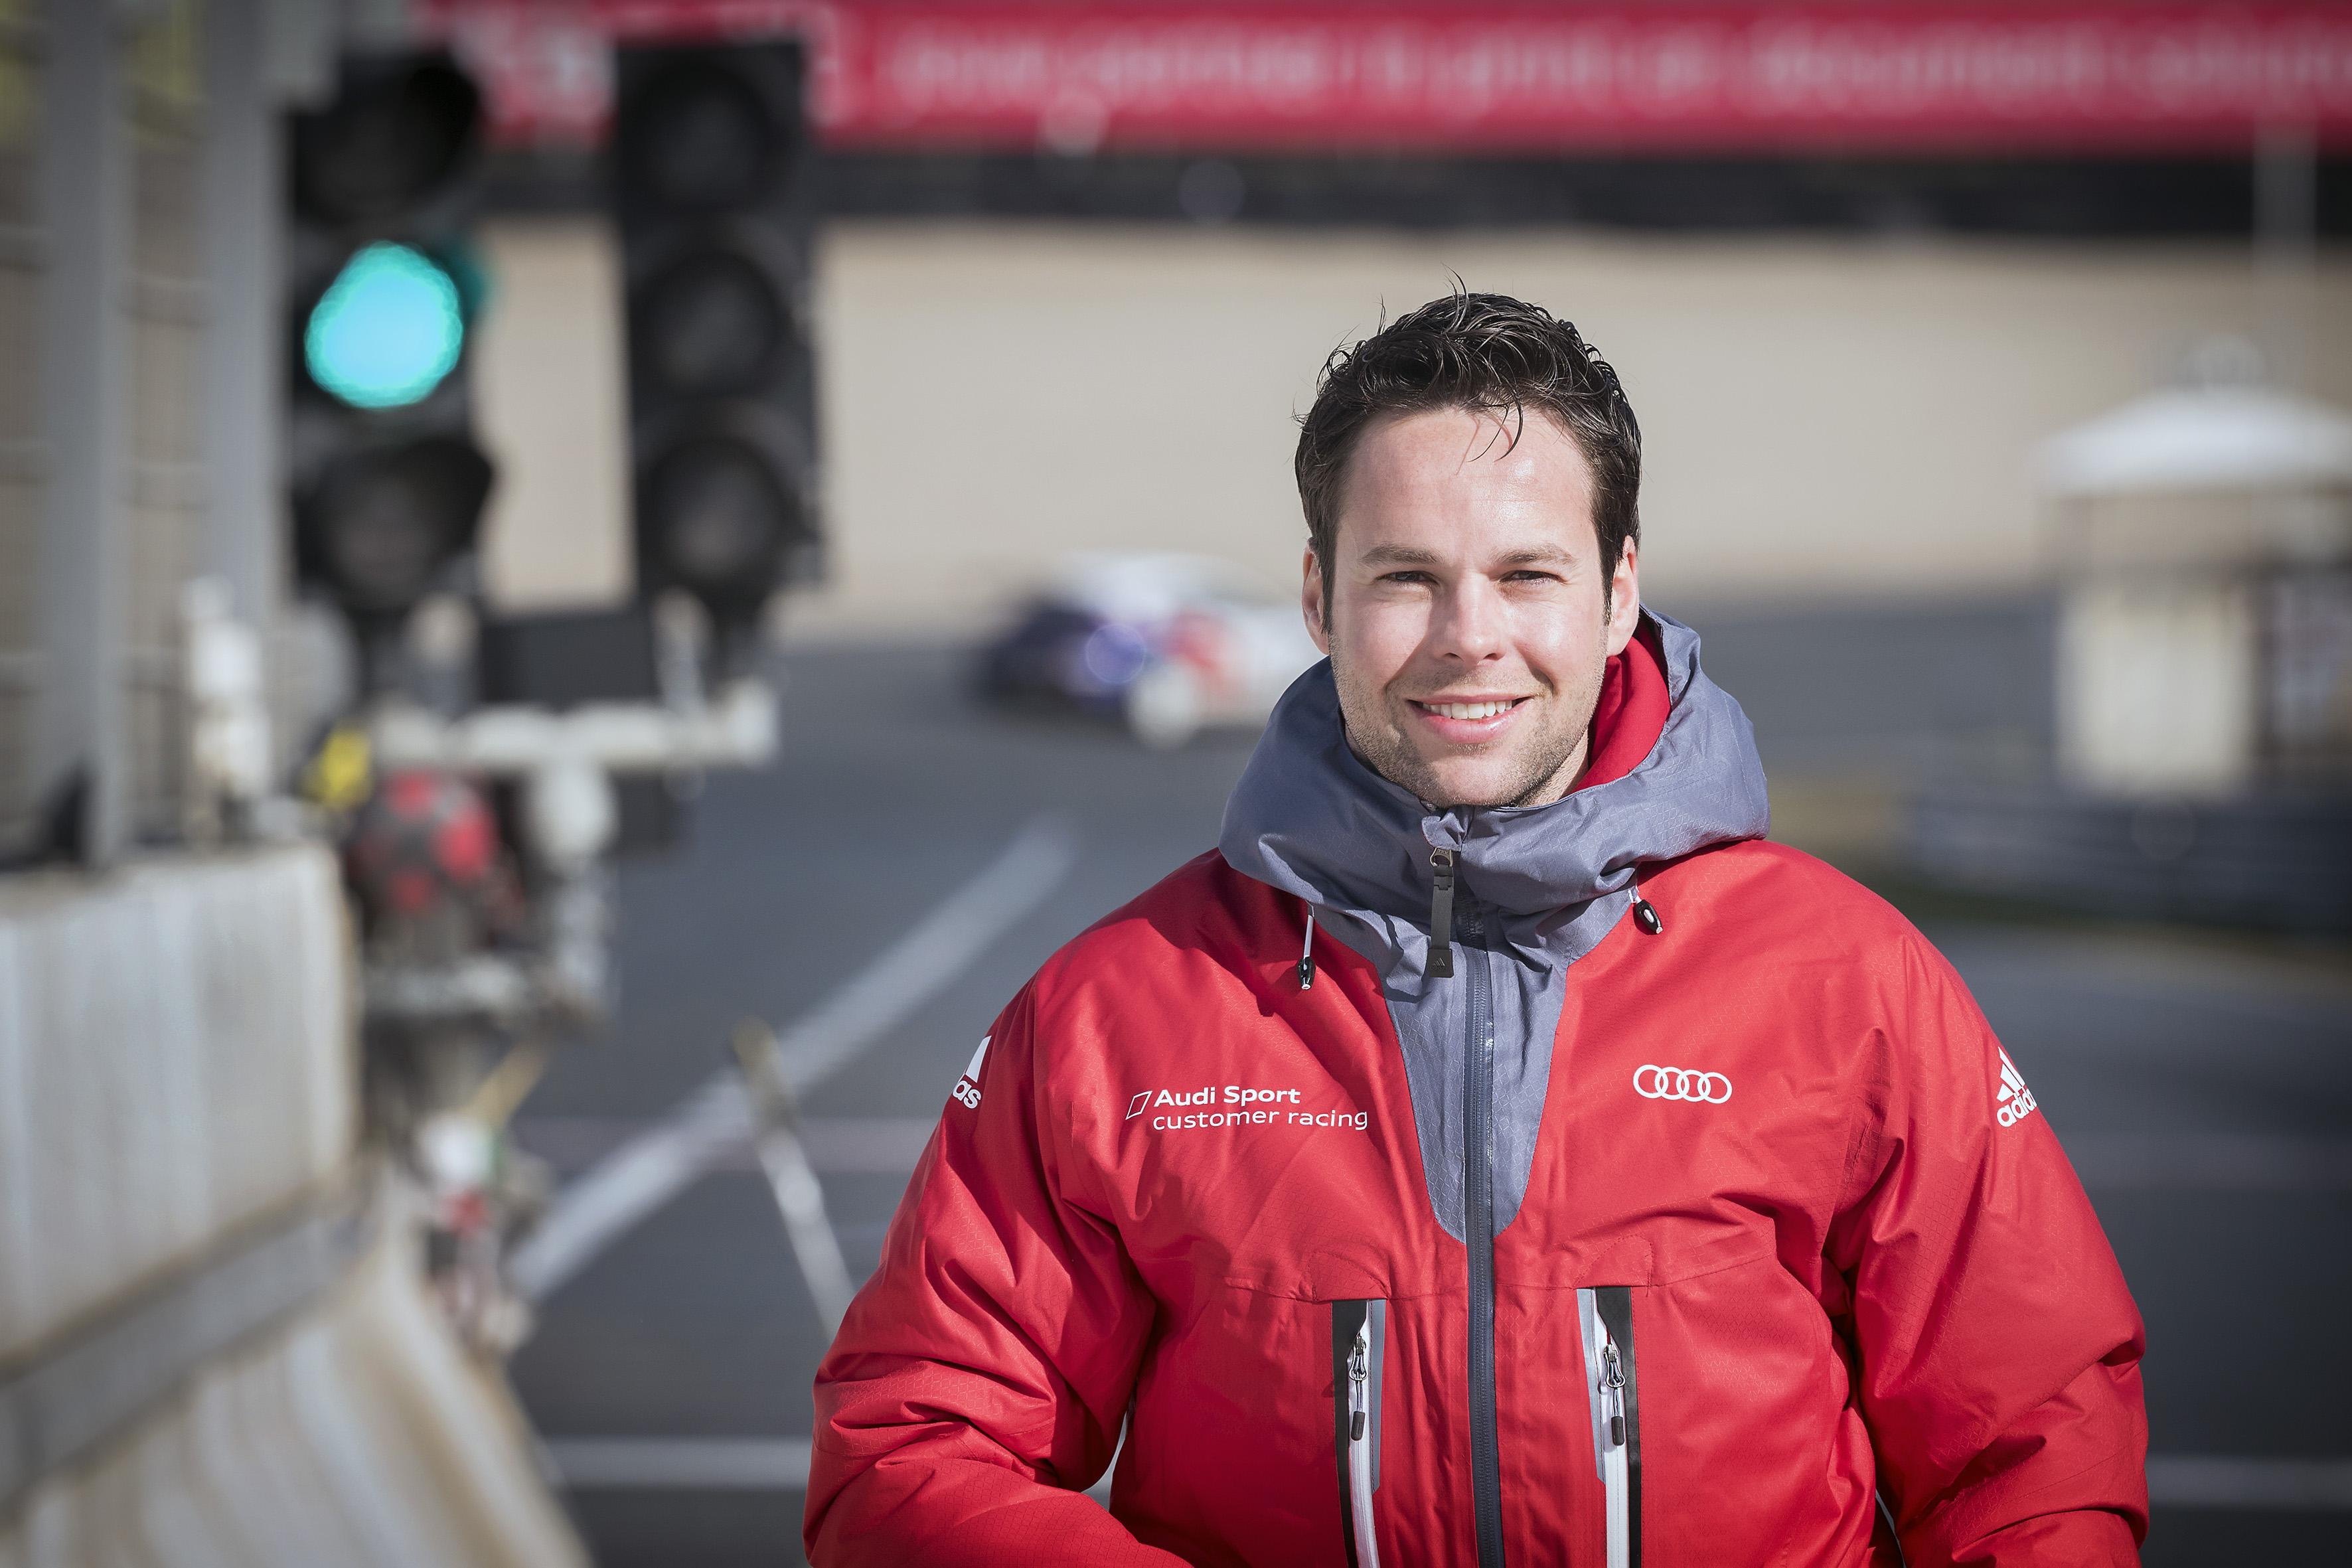 De gedroomde stap van coureur Niels Langeveld: racen in prestigieuze World Touring Car Cup